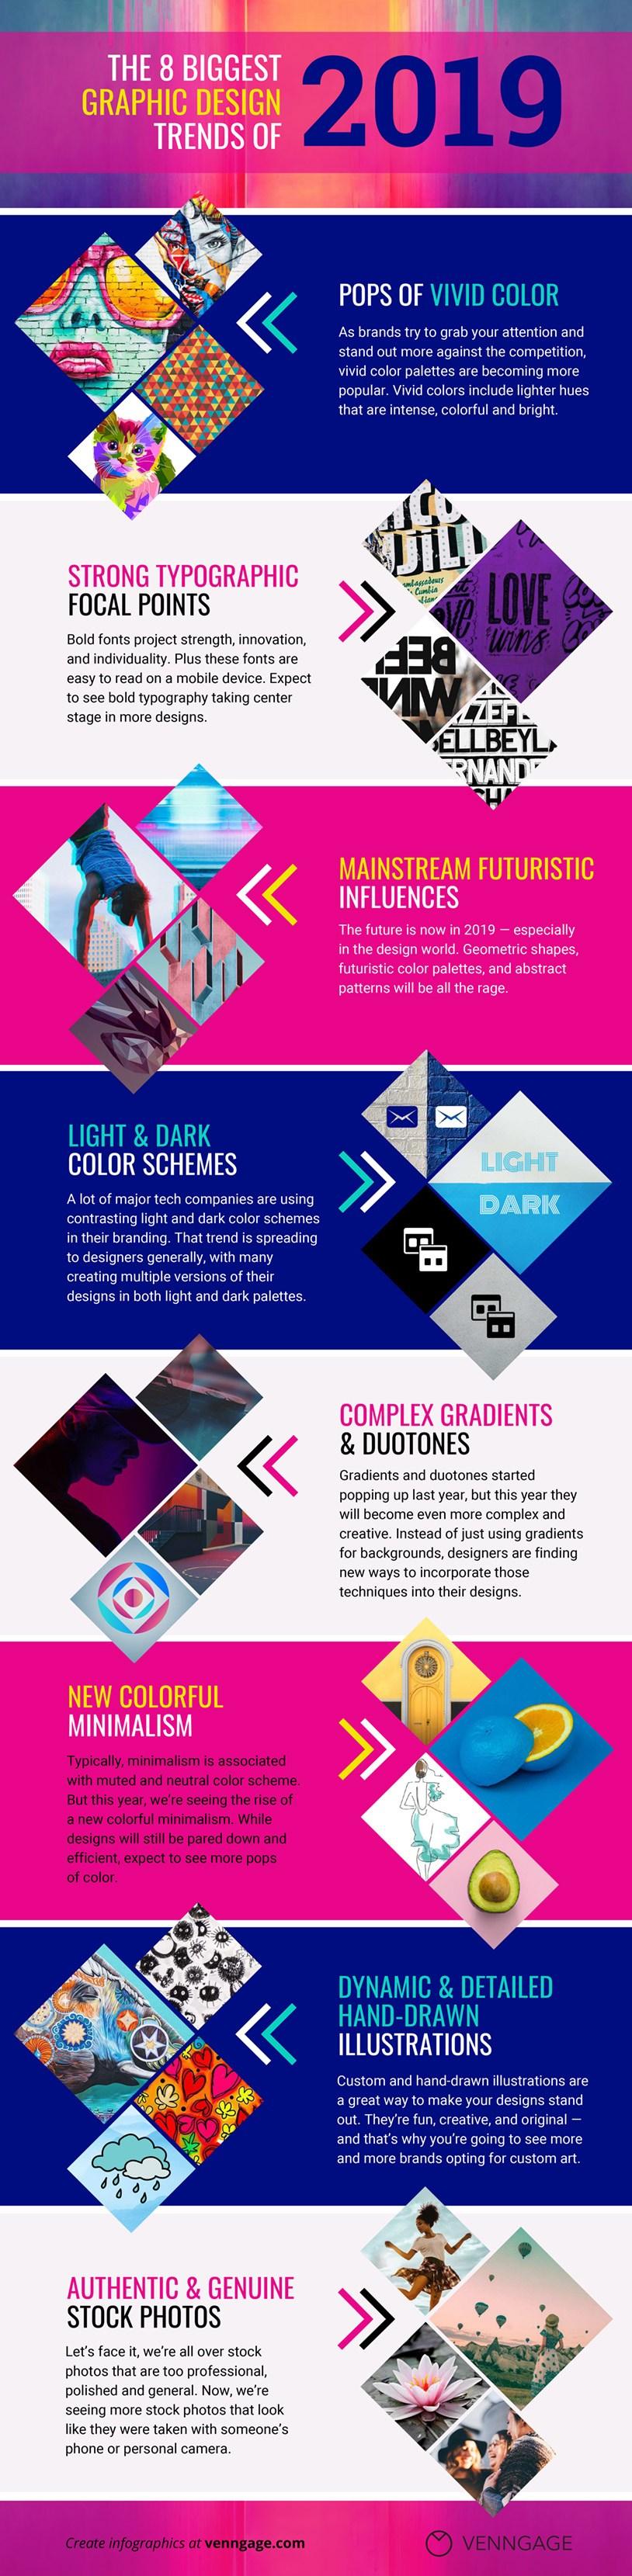 8 tendencias en Diseño Gráfico #infografia #infographic design